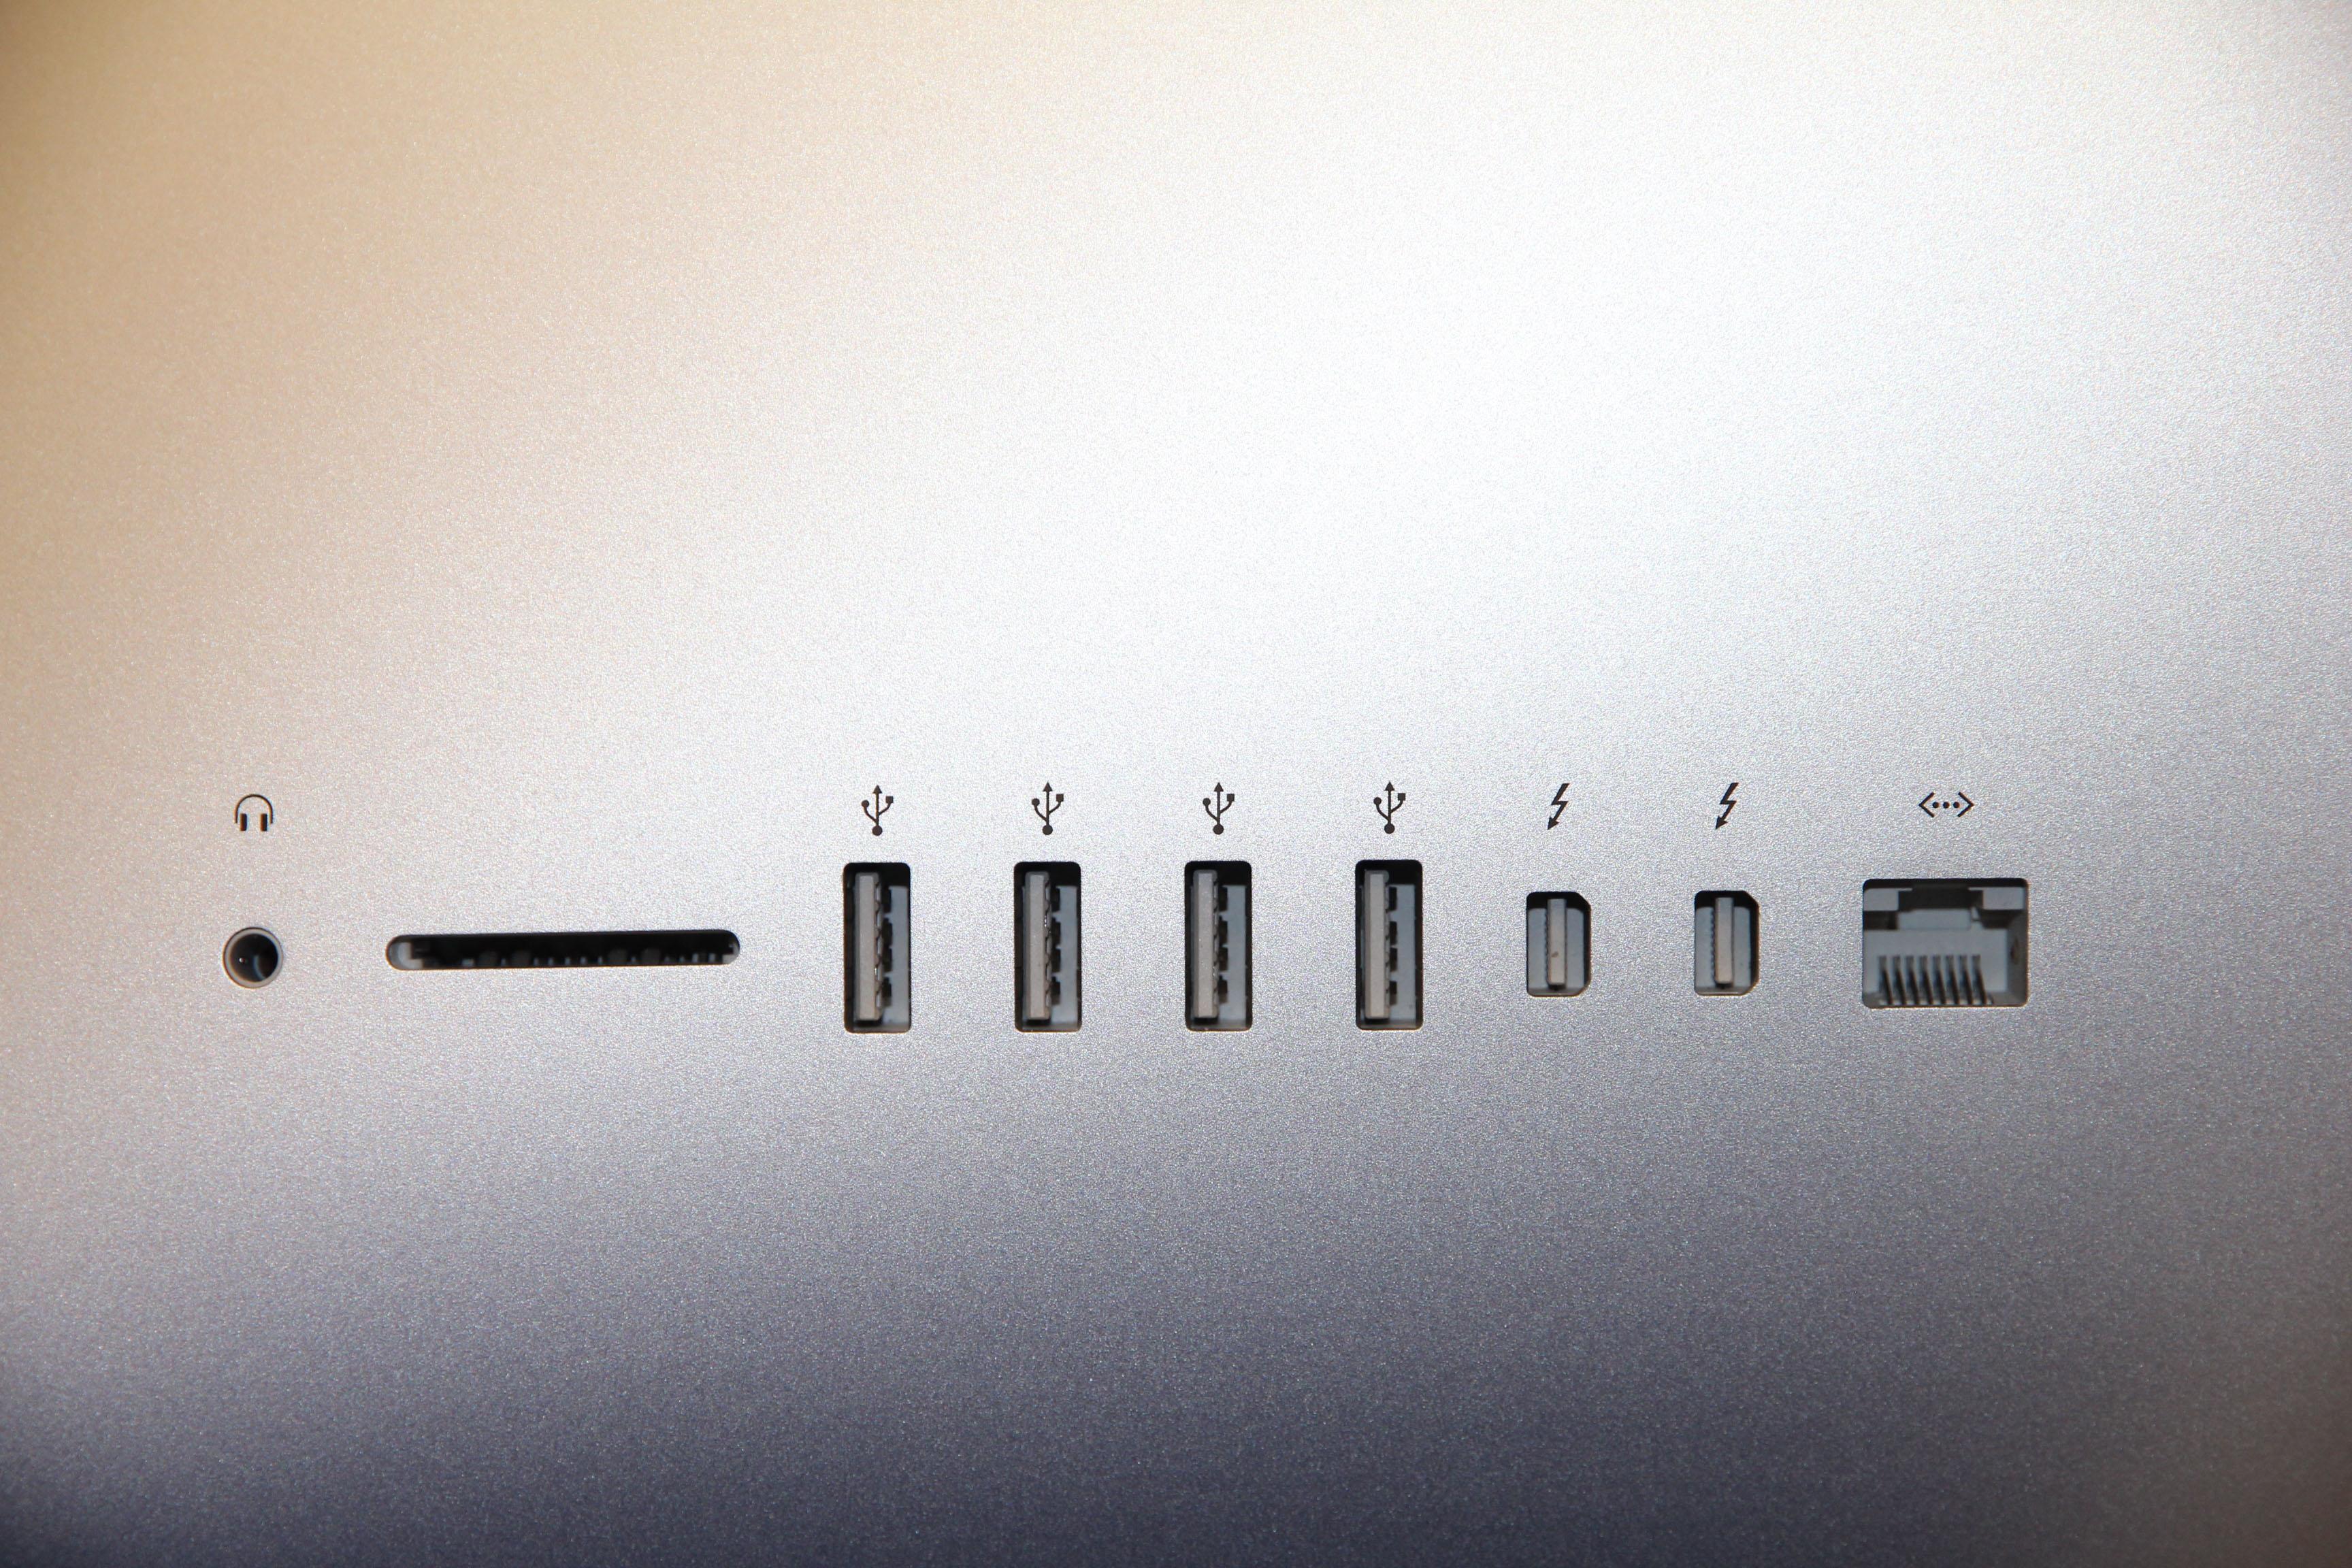 apple imac 27 5k 4ghz i7 32gb 512gb flash r9. Black Bedroom Furniture Sets. Home Design Ideas